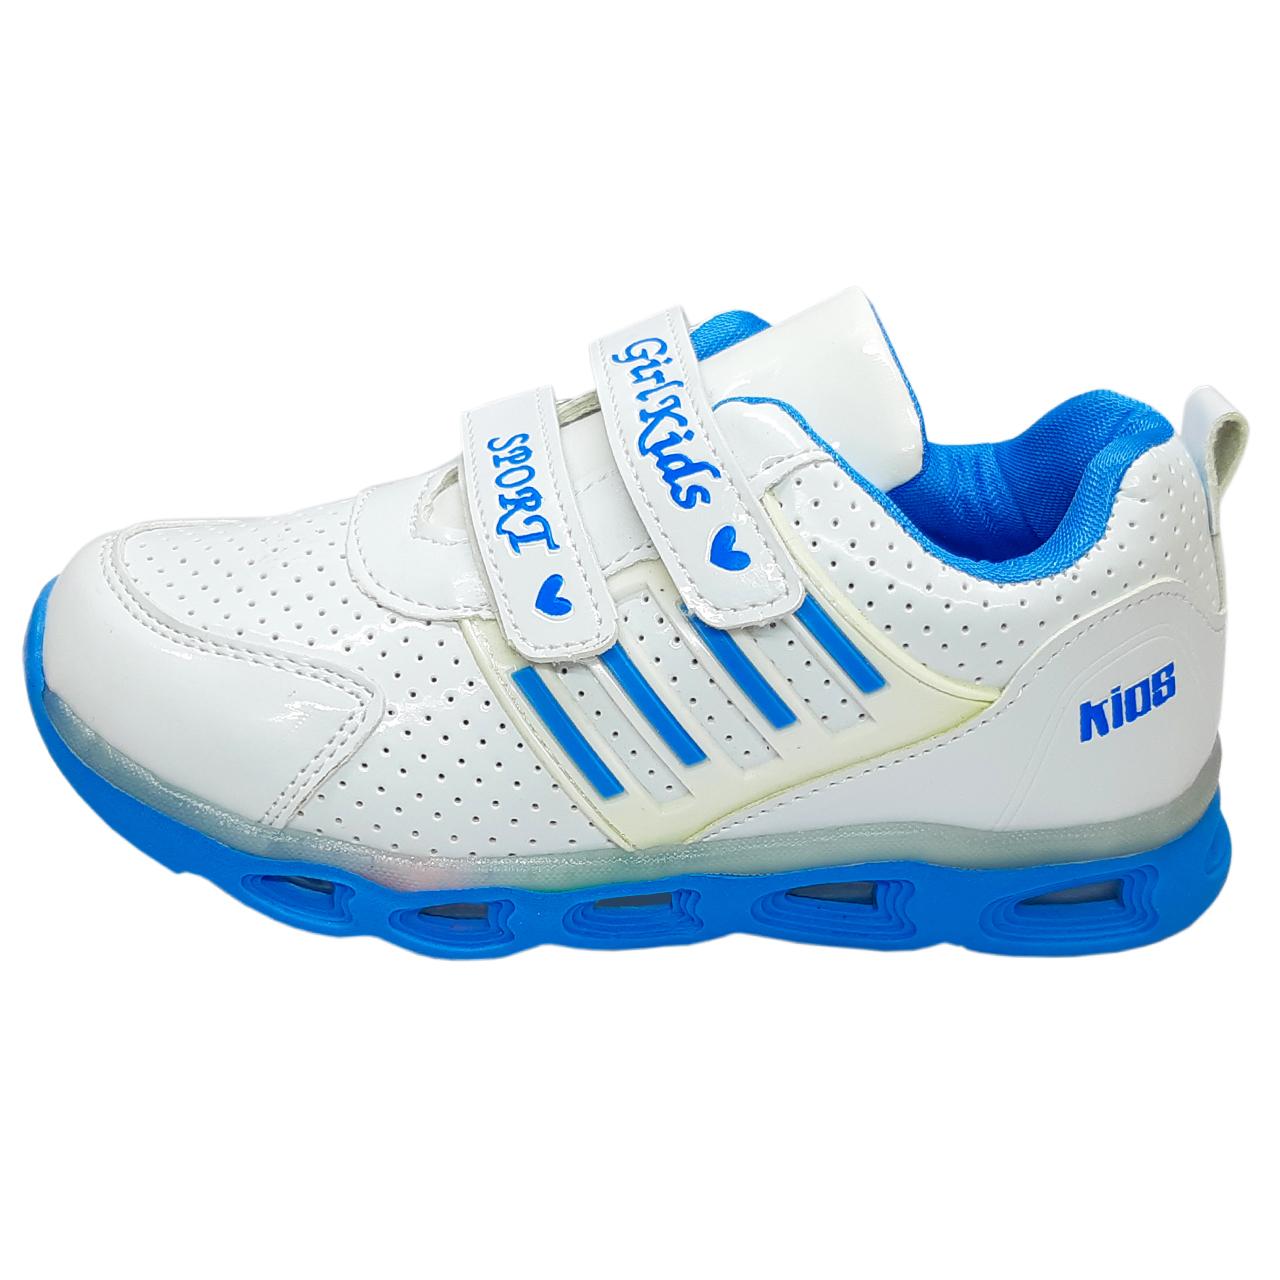 کفش مخصوص پیاده روی بچگانه مدل کیدز کد 2142